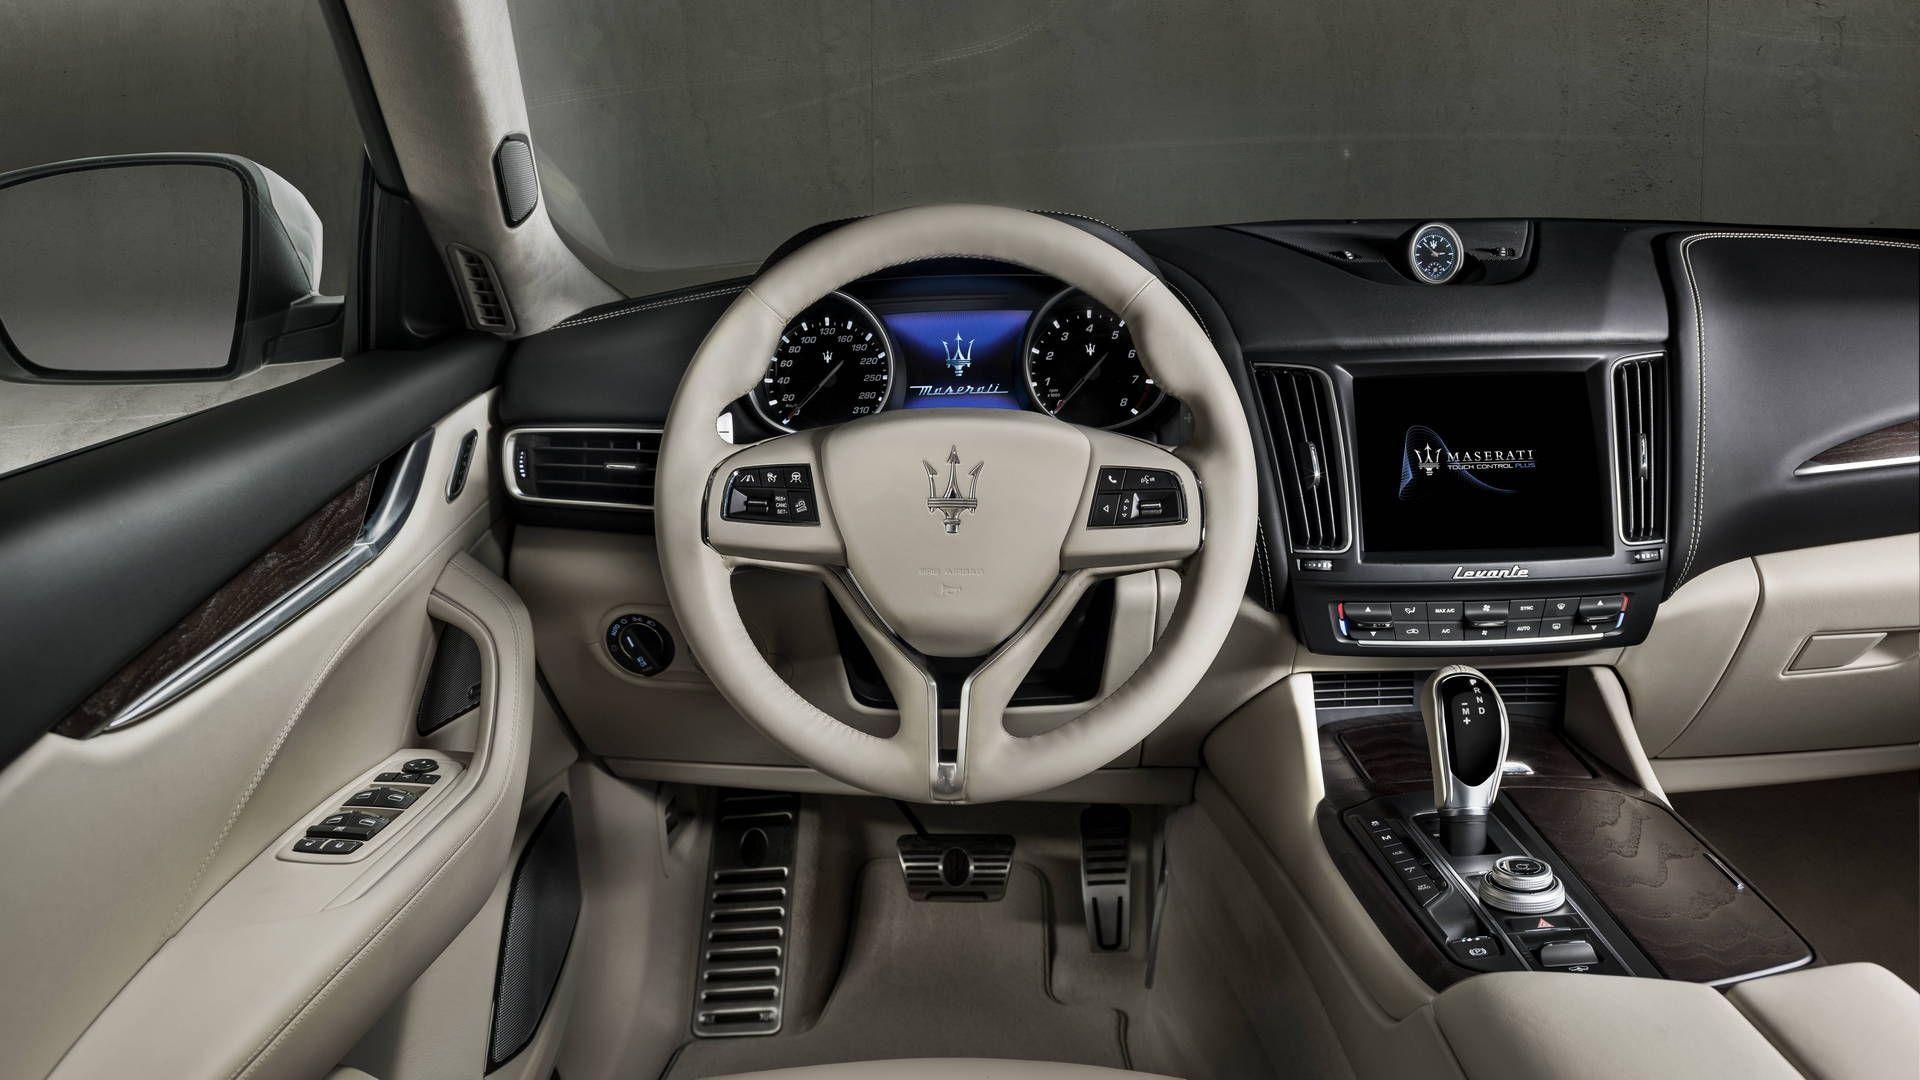 2018 Maserati Levante Front Dashboard Interior